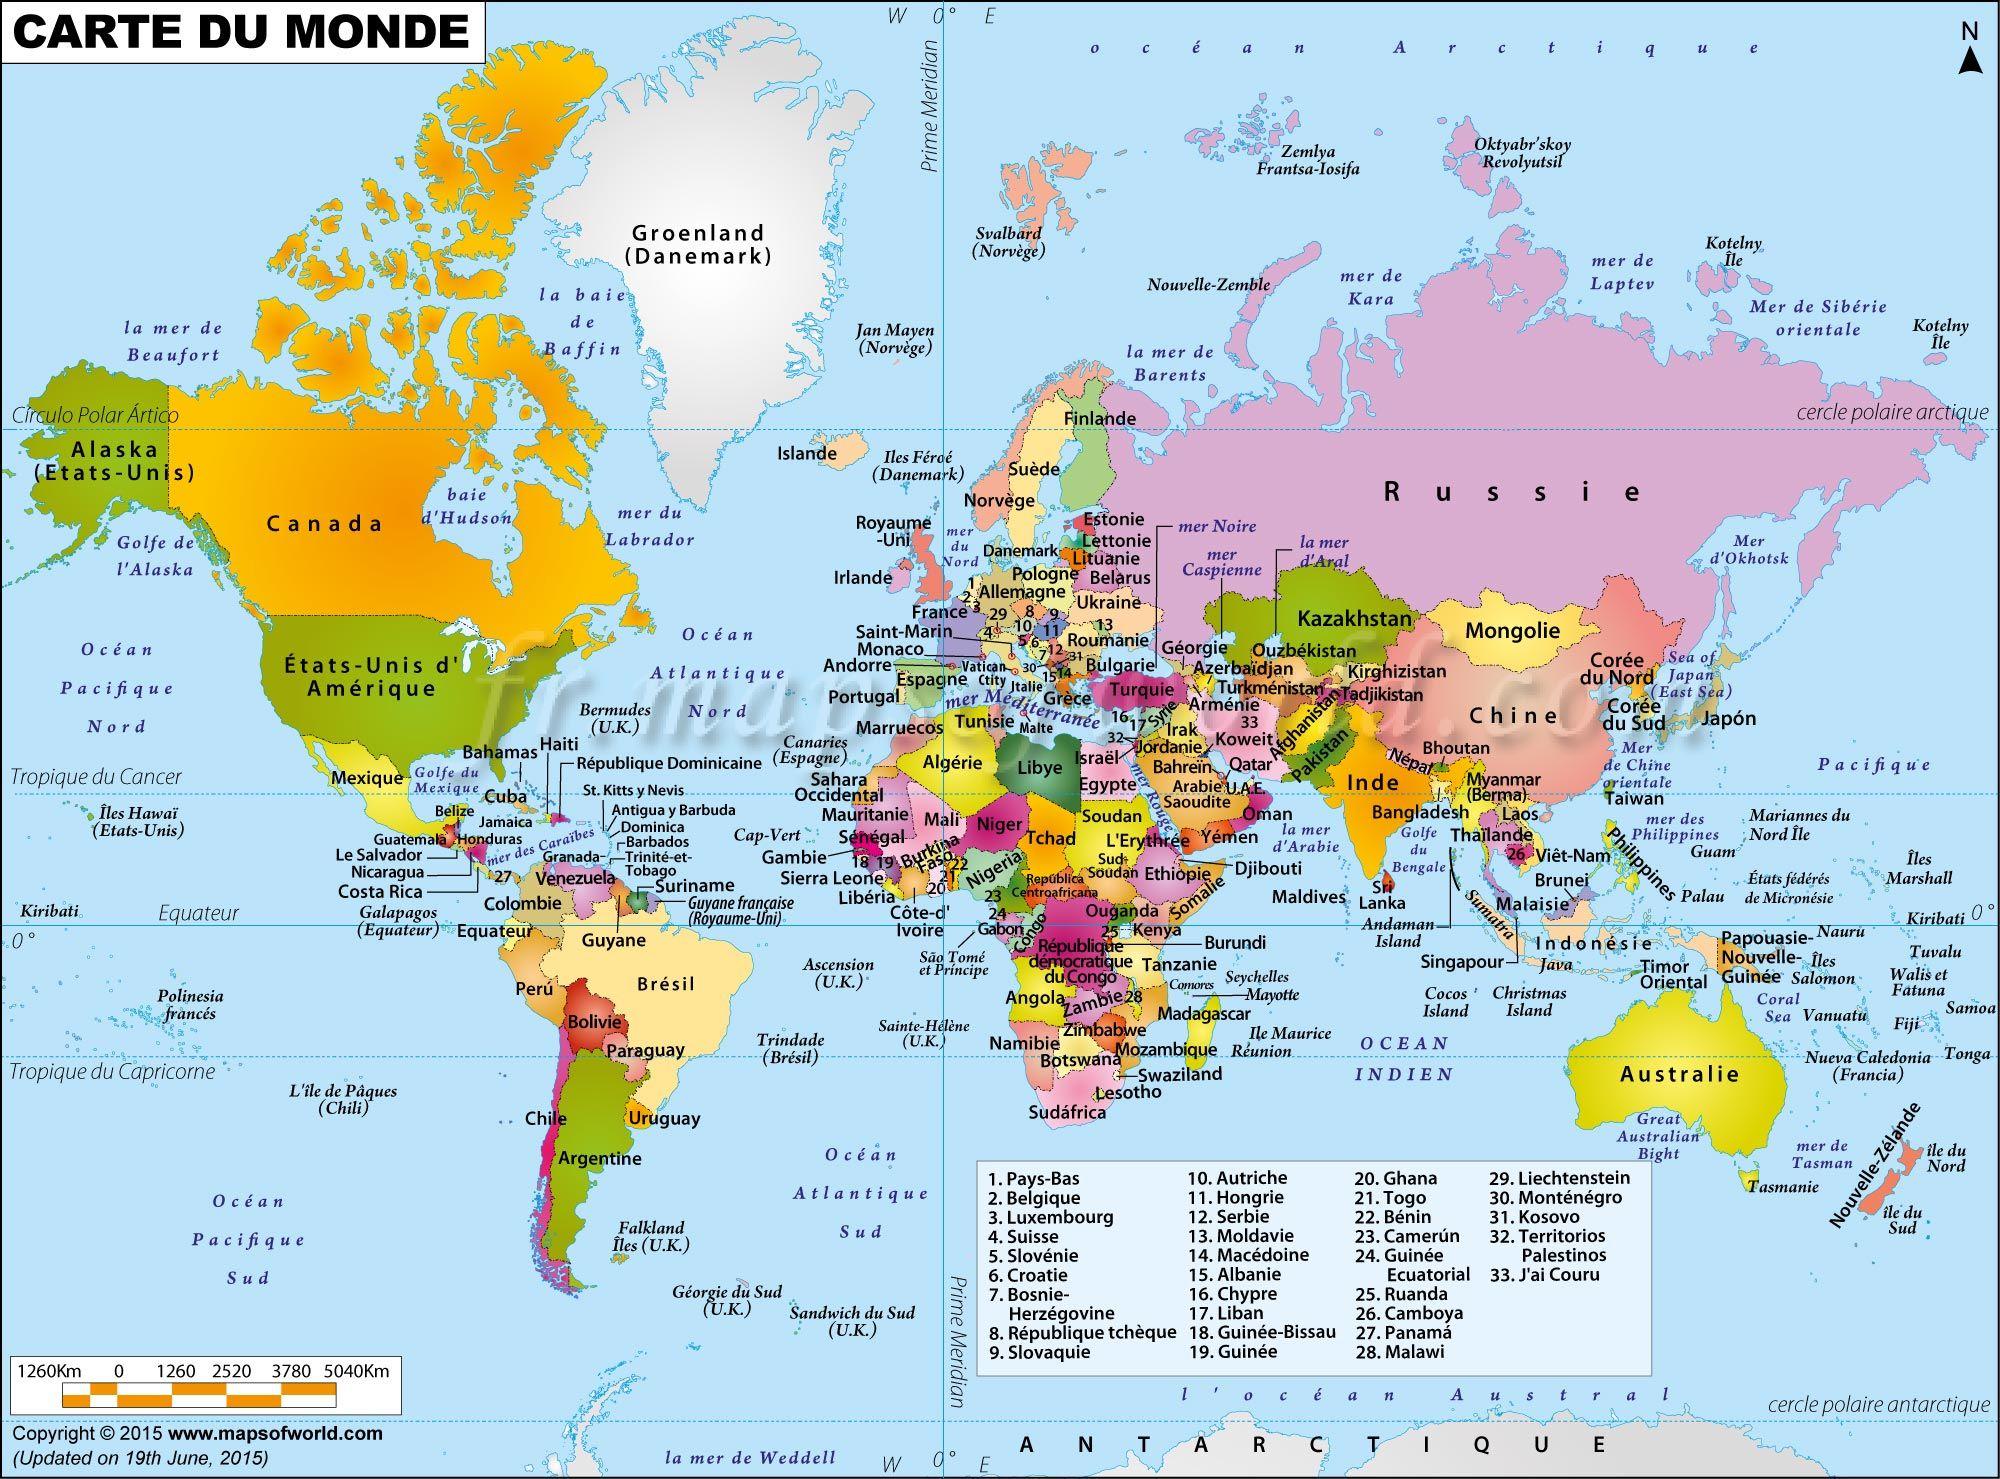 geographie-de-monde